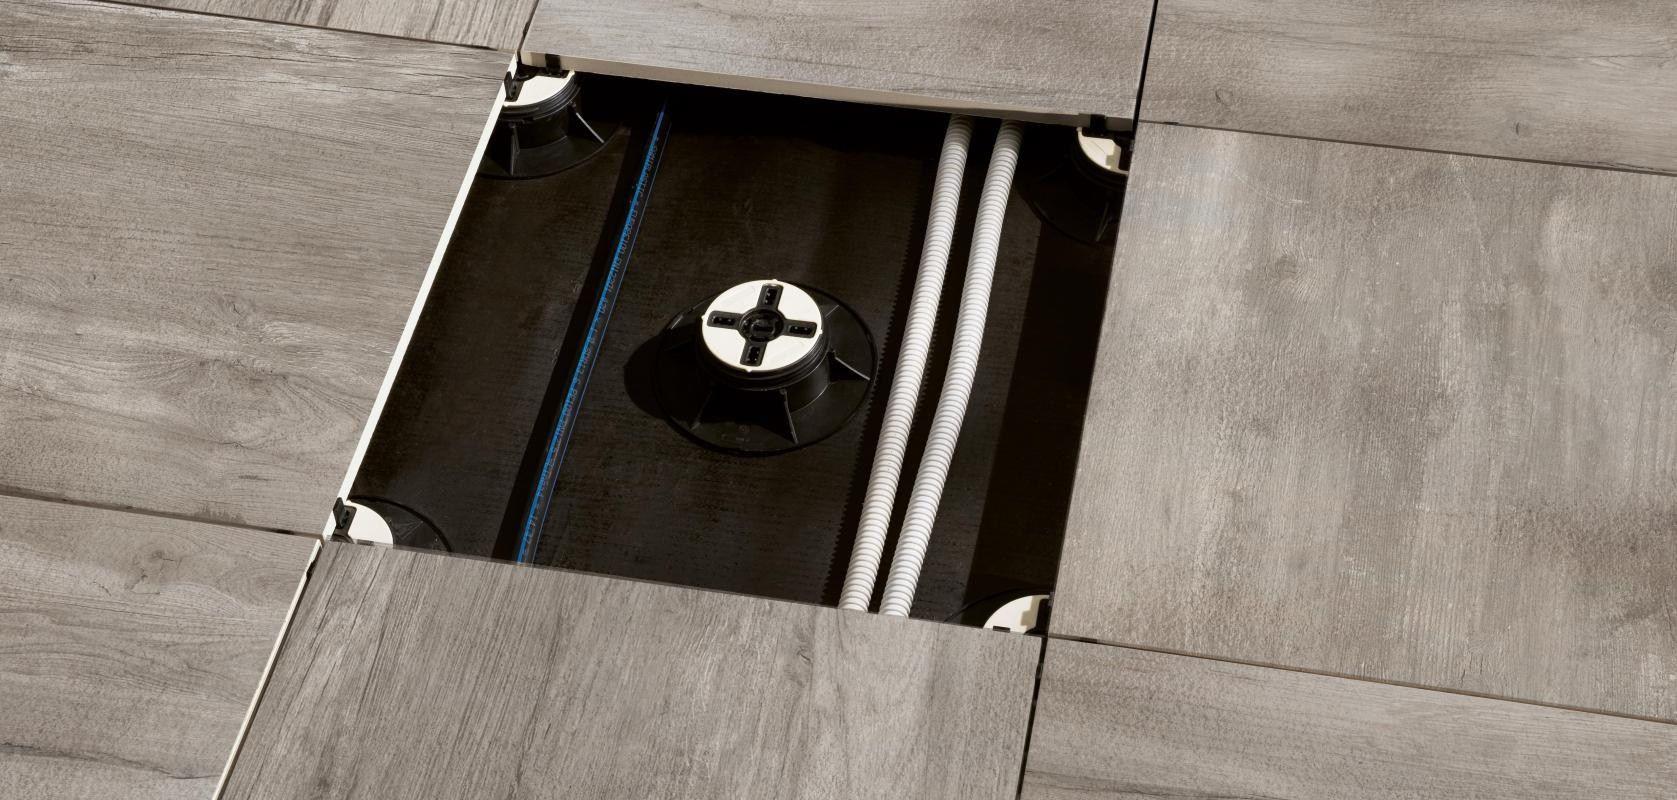 Carrelage ext rieur en gr s c rame travel t20 by ceramiche for Carrelage exterieur gres cerame